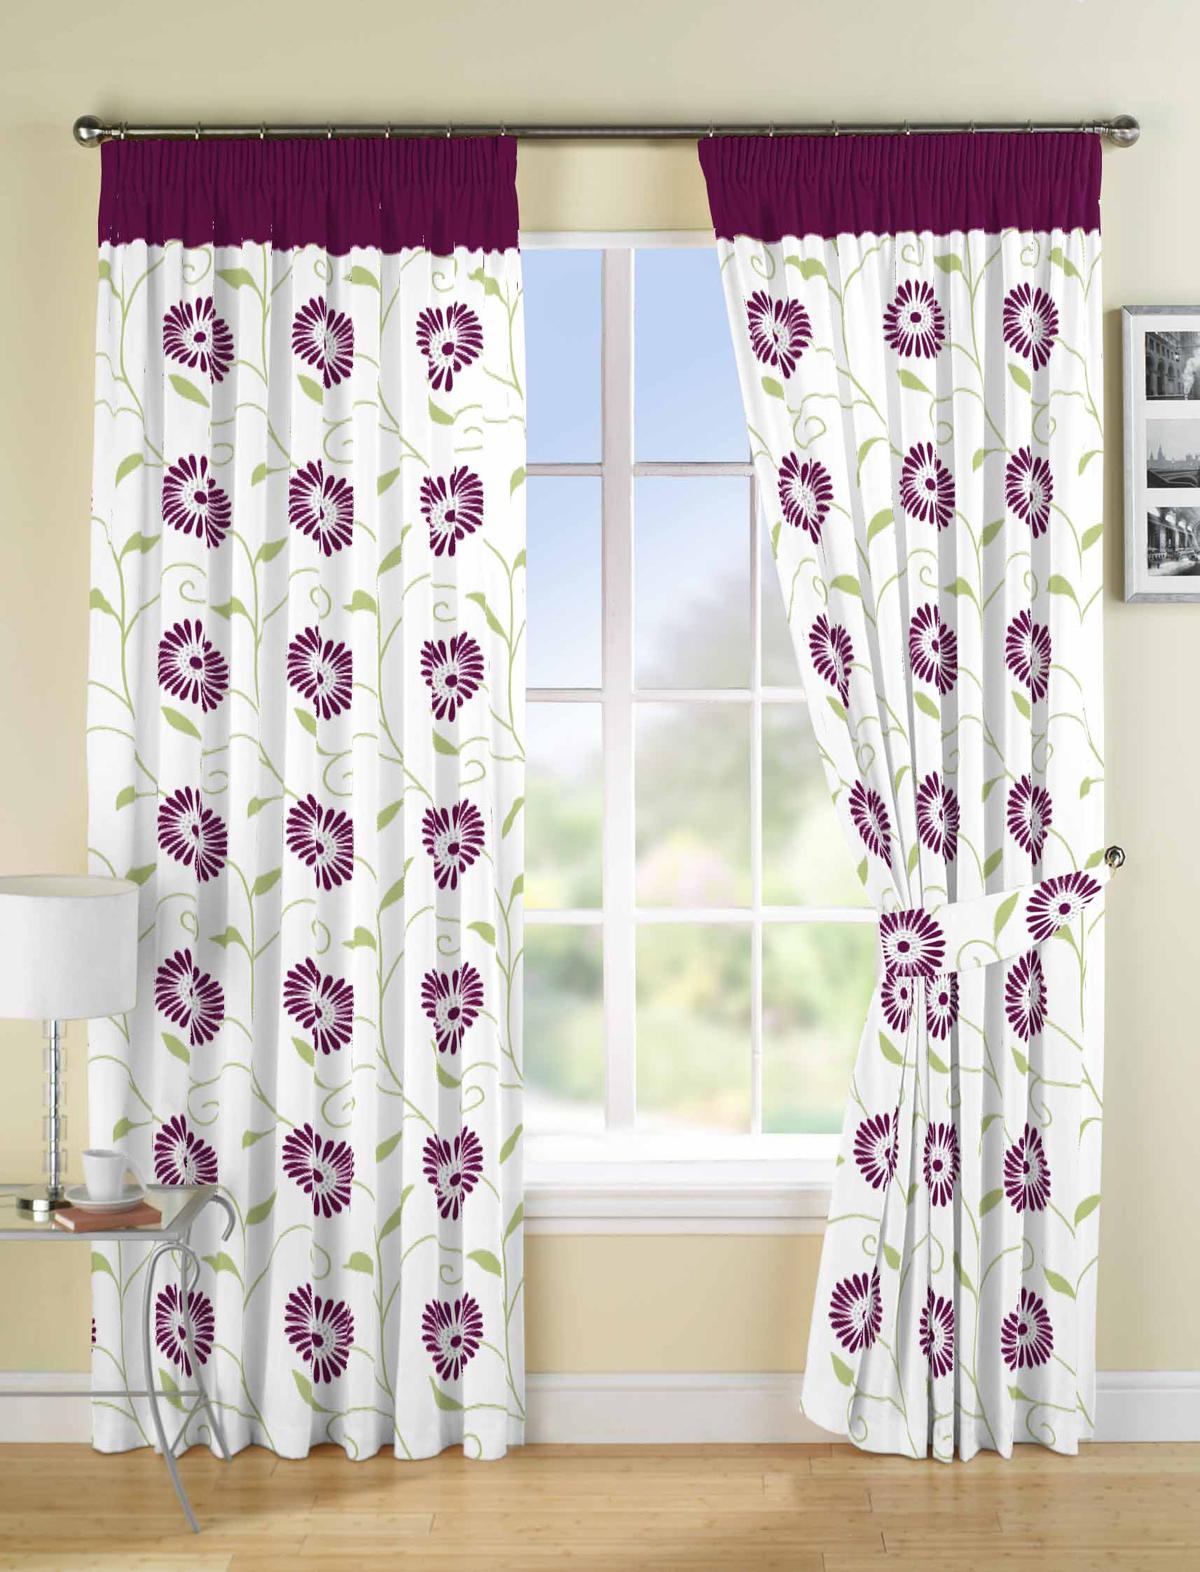 rideaux fleuris enti rement doubl s toutes tailles et couleurs haut de gamme ebay. Black Bedroom Furniture Sets. Home Design Ideas